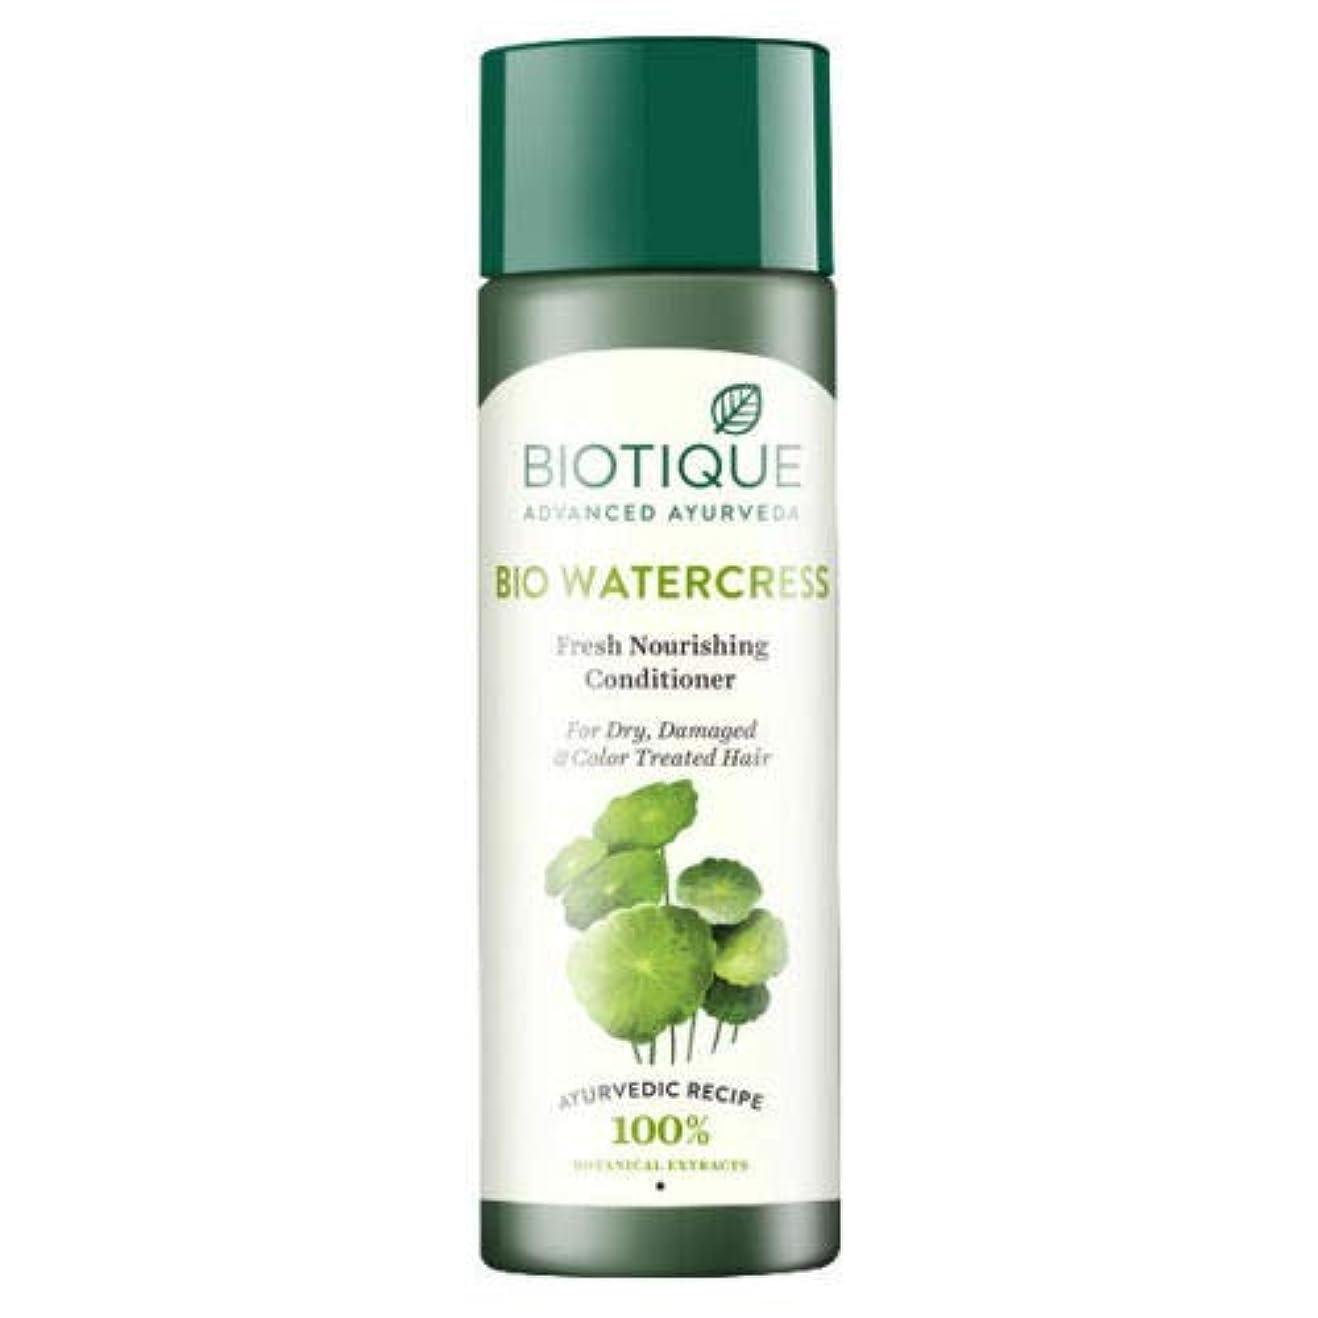 偏心どれでもホイッスルBiotique Bio Water Cress Fresh Nourishing Conditioner 120 ml For Damaged Hairs 傷つけられた毛のためのBiotiqueバイオクレソン新鮮な栄養コンディショナー